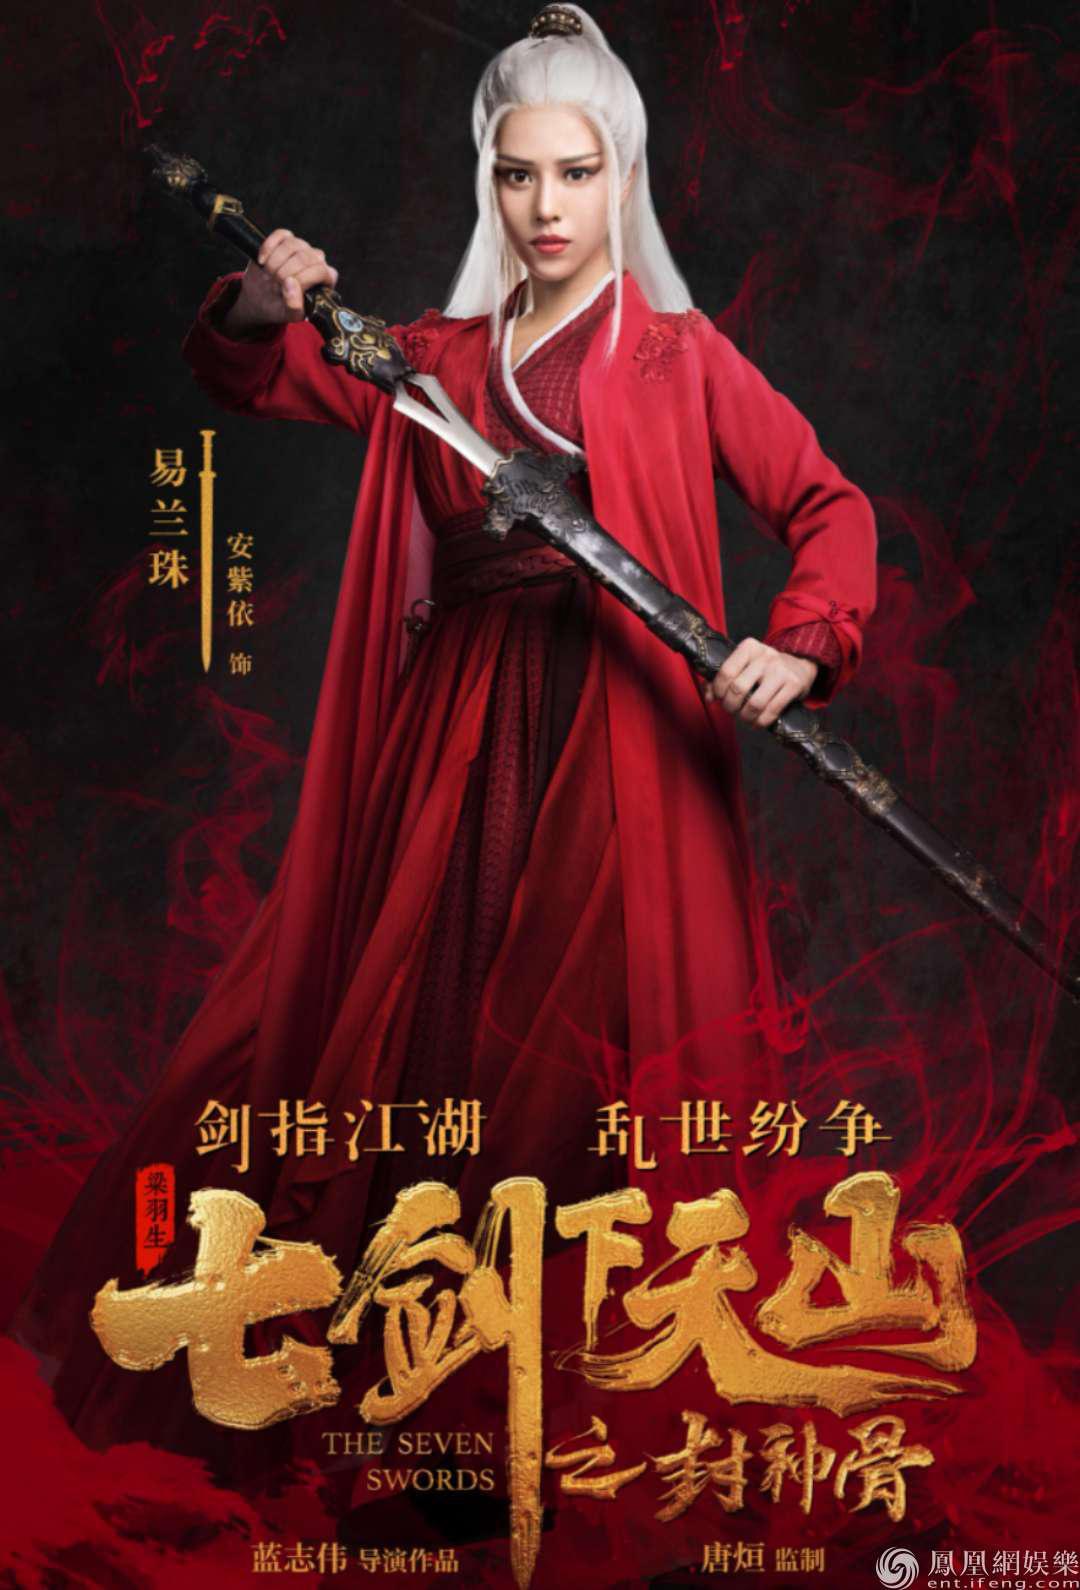 七剑下天山飞红巾图片